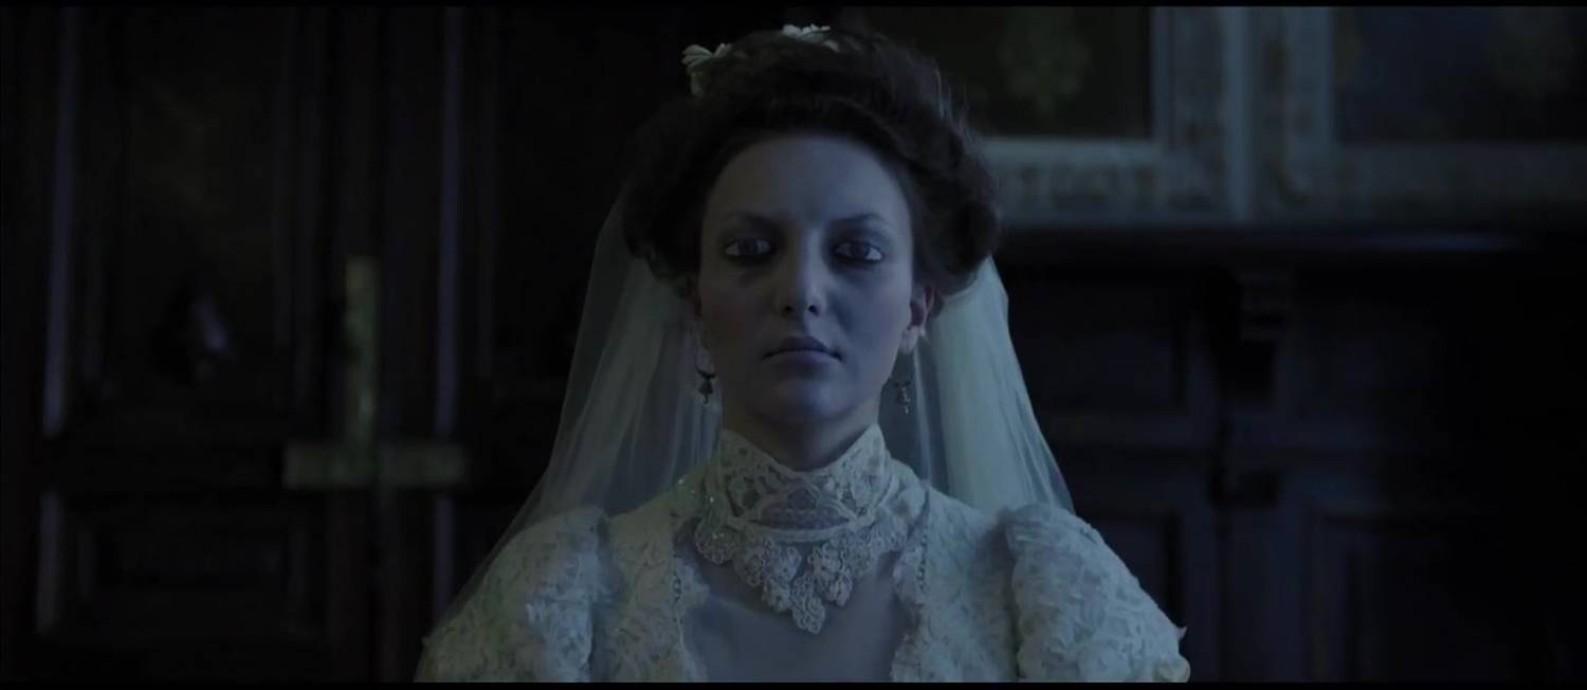 Cena do filme 'A noiva' Foto: Divulgação